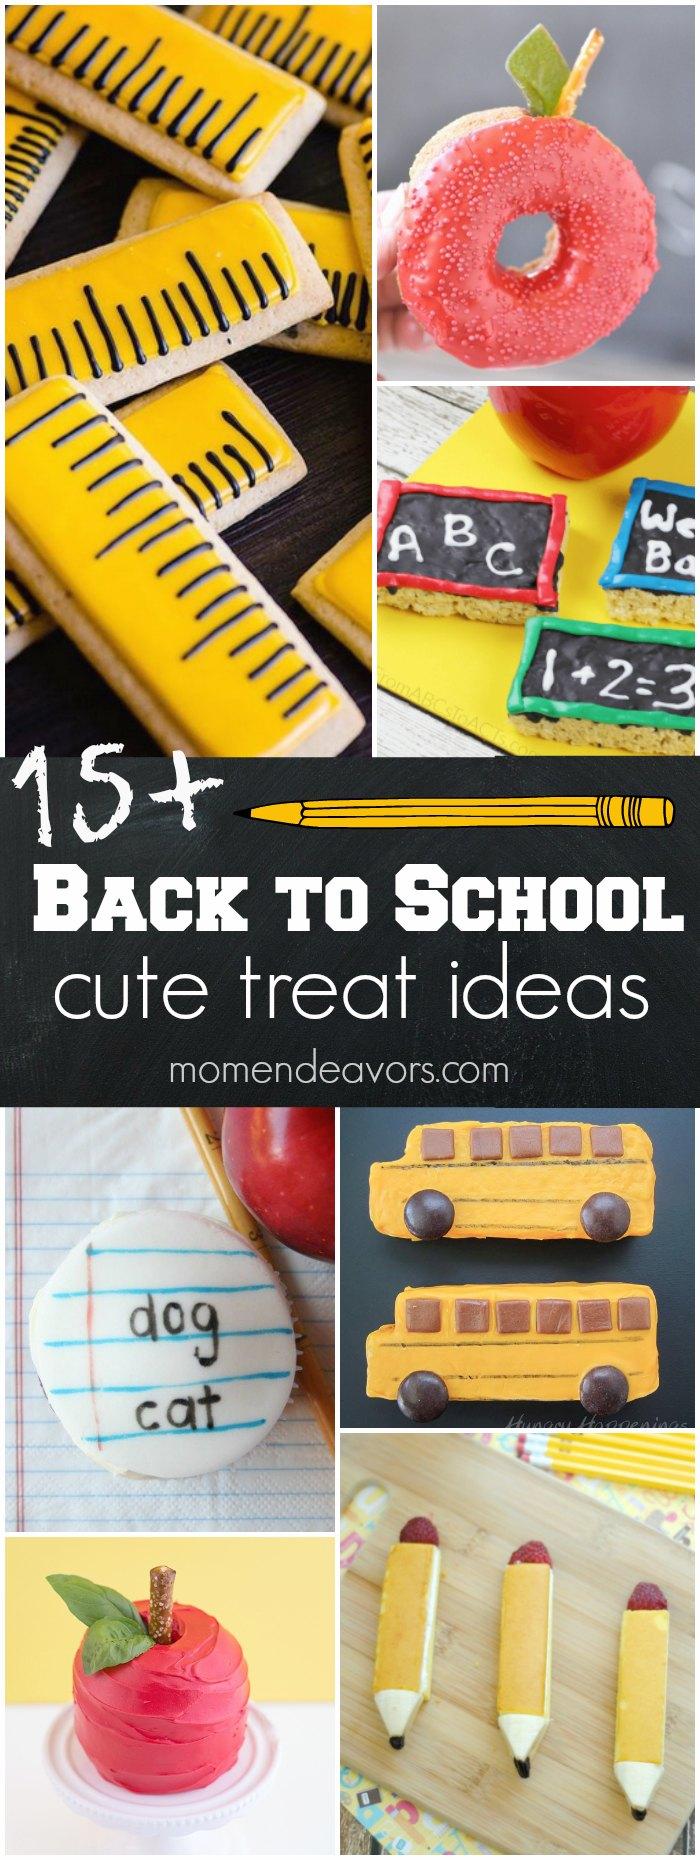 15+ Back to School Cute Treat Ideas